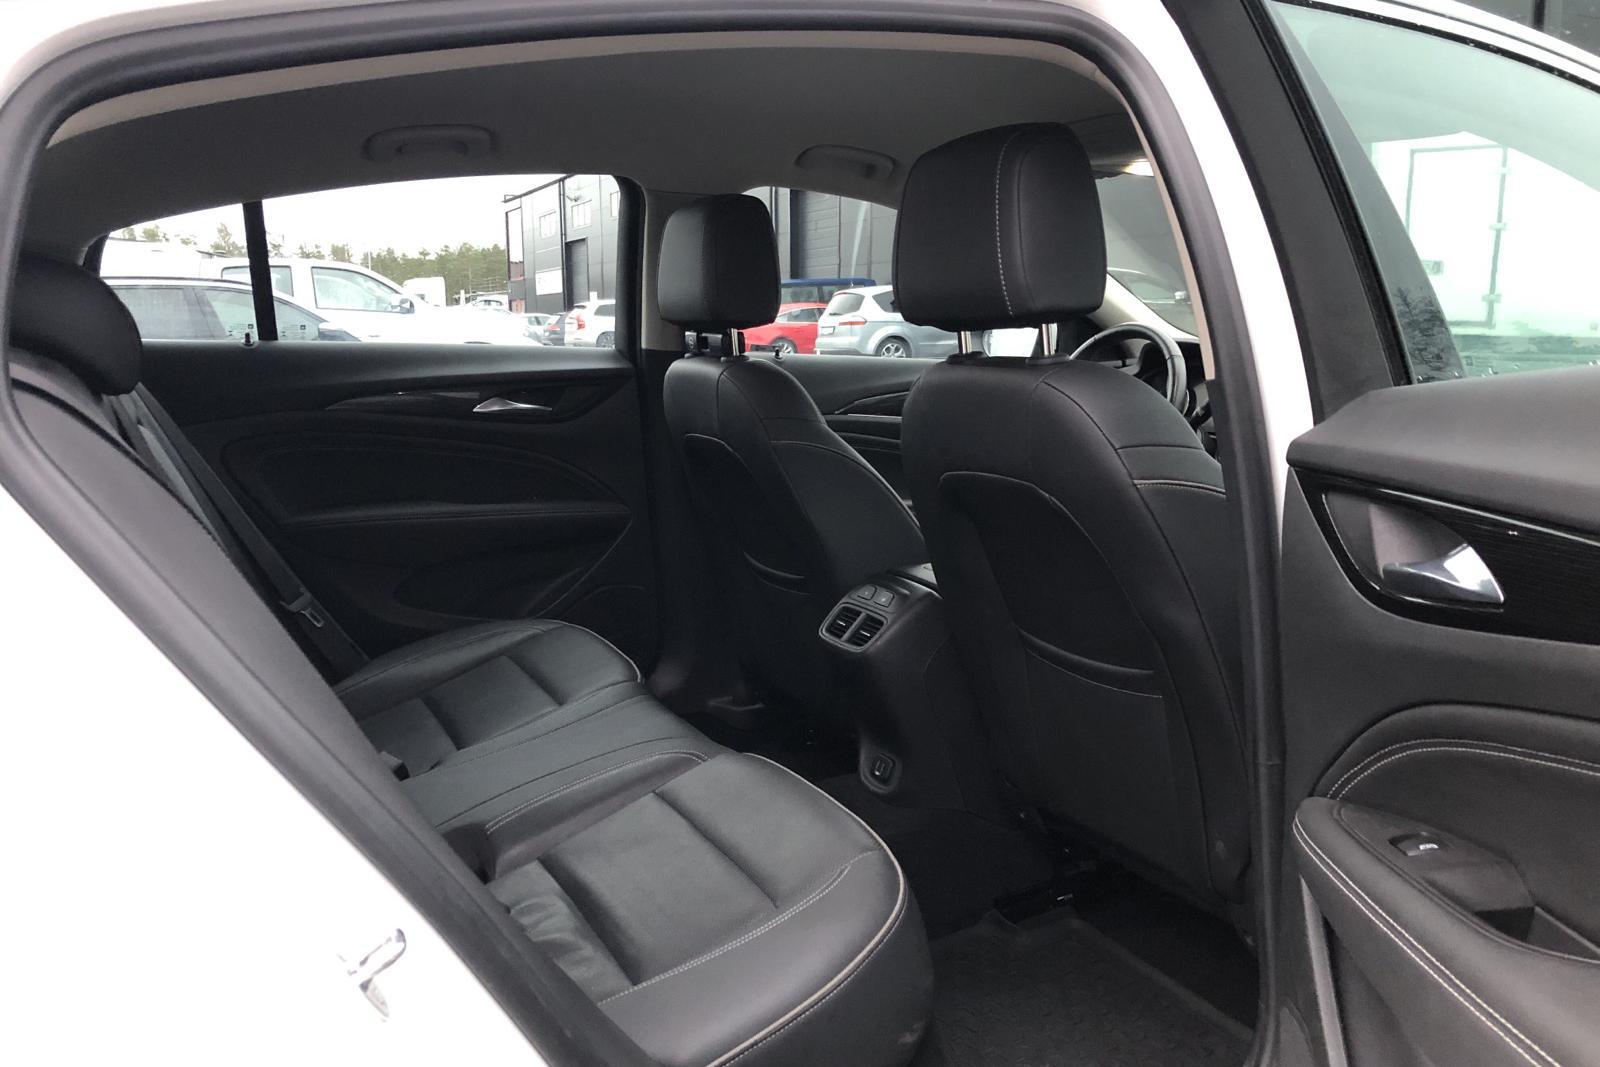 Opel Insignia 2.0 CDTI Grand Sport (170hk) - 11 542 mil - Manuell - vit - 2018